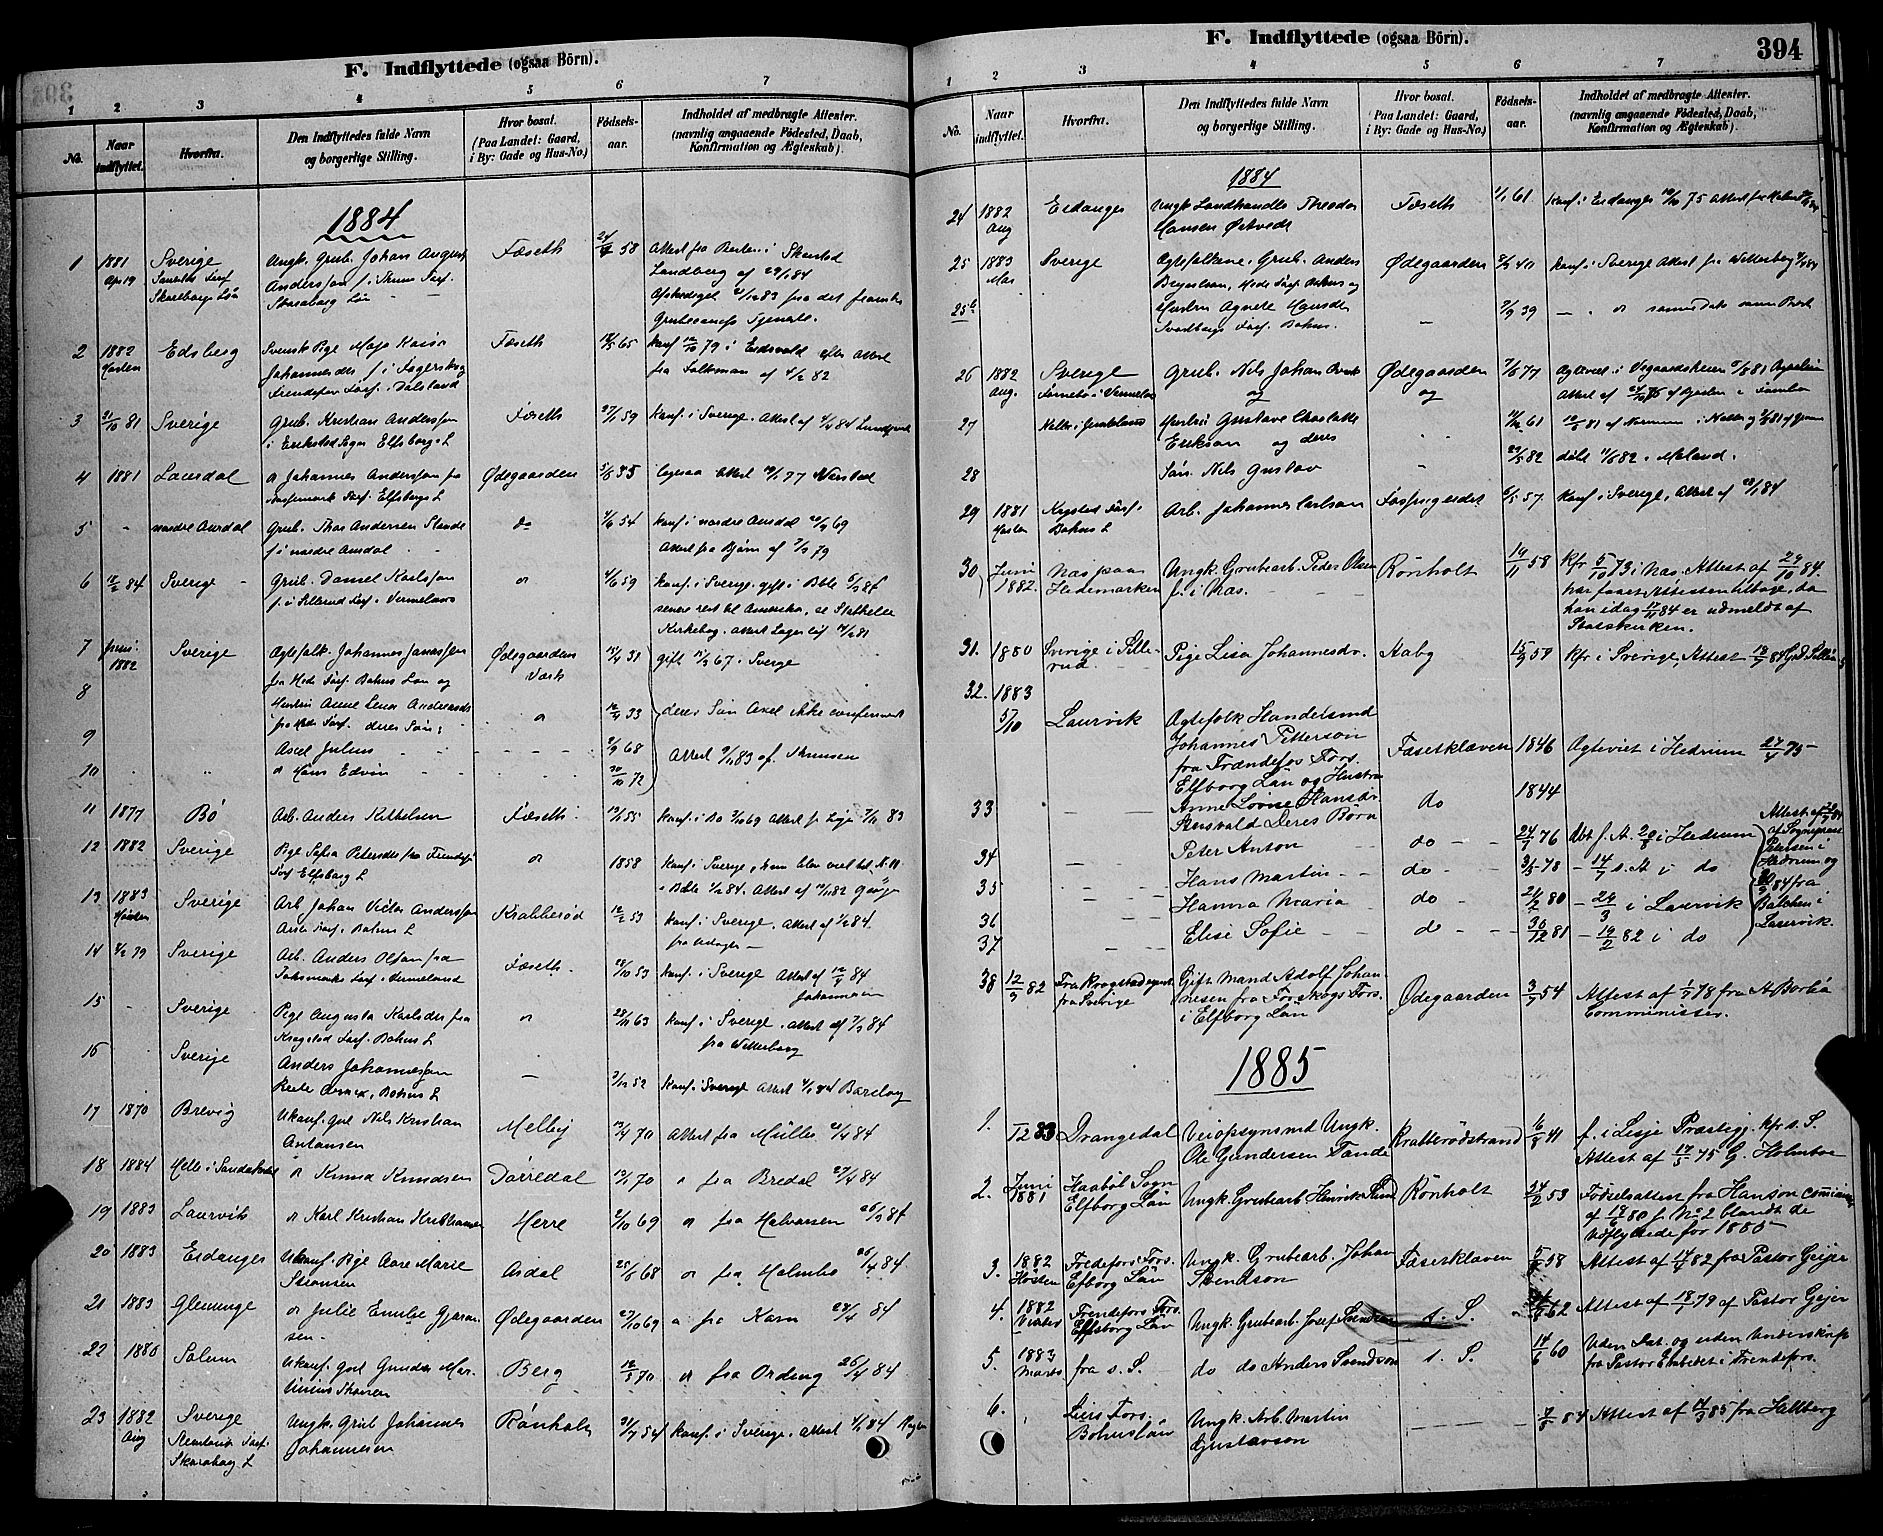 SAKO, Bamble kirkebøker, G/Ga/L0008: Klokkerbok nr. I 8, 1878-1888, s. 394